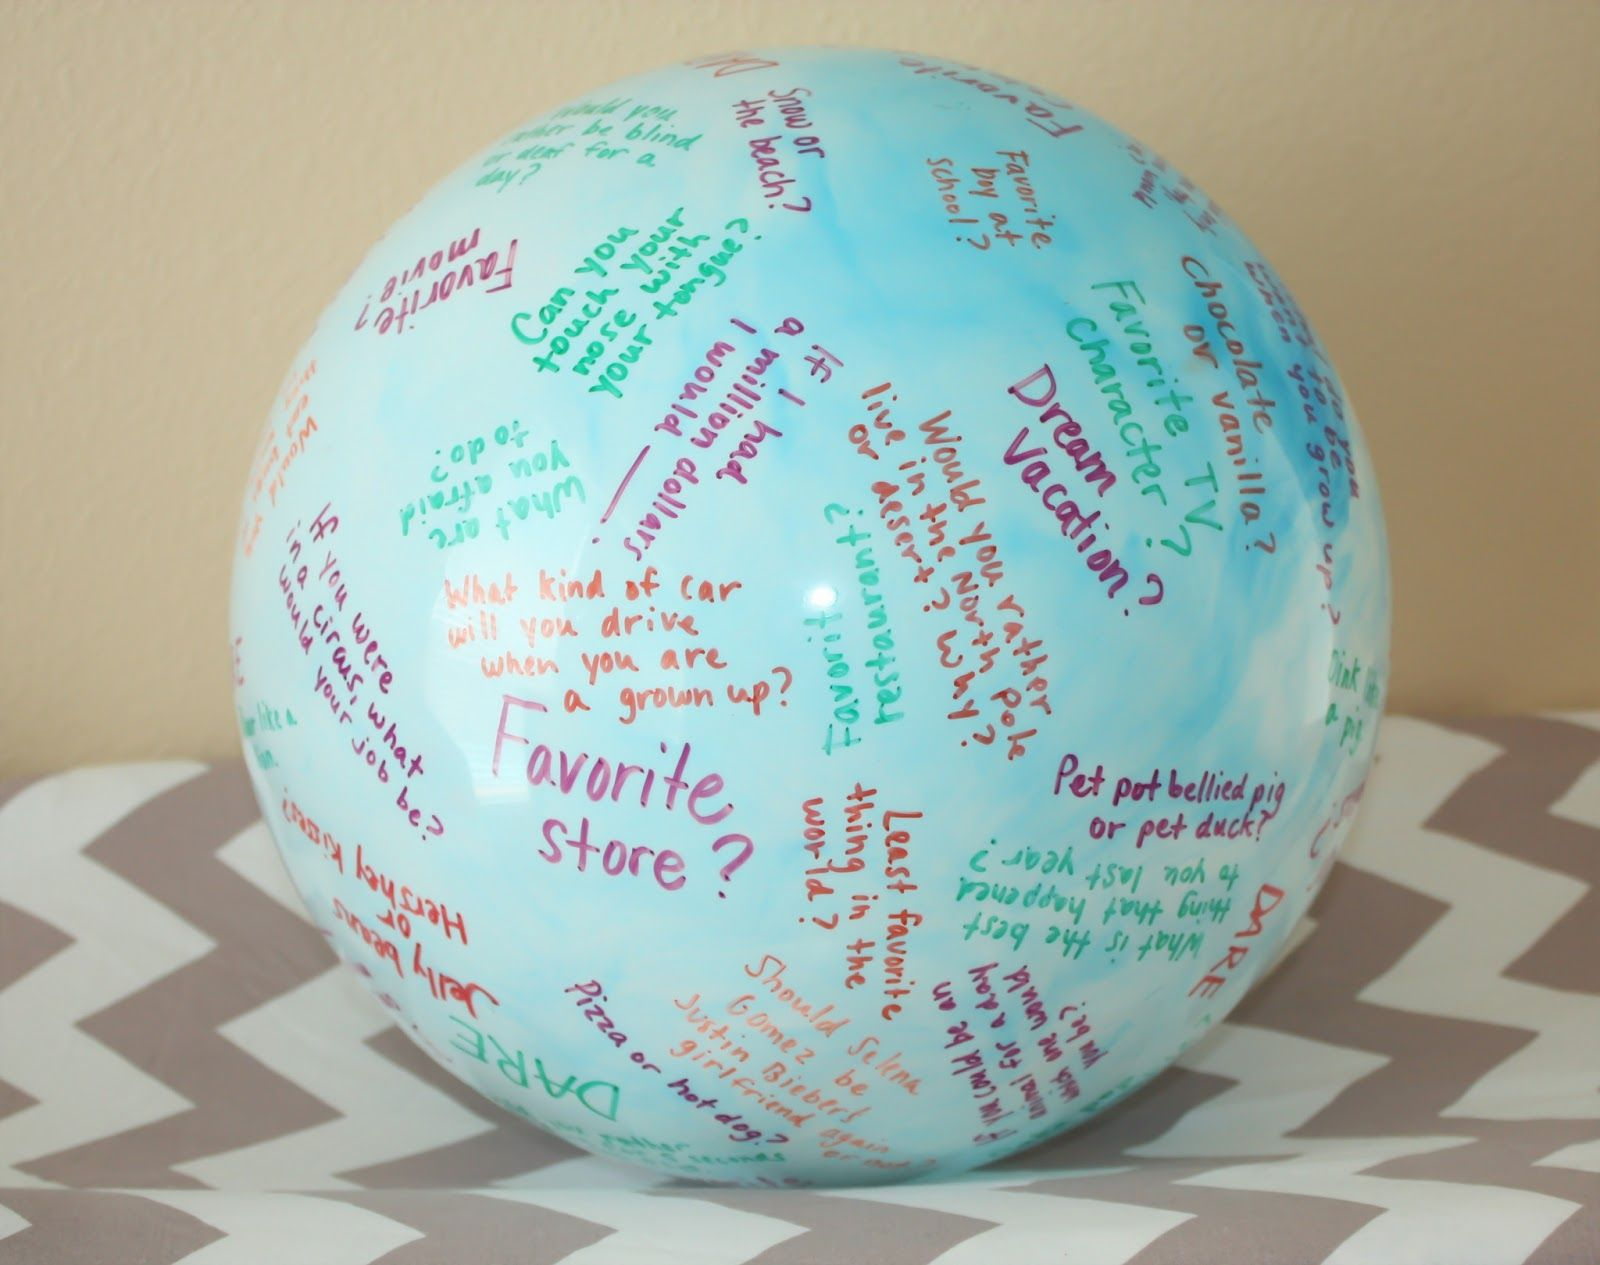 Toss Talk Ball z več kot 70 vprašanji za dekleta-5906